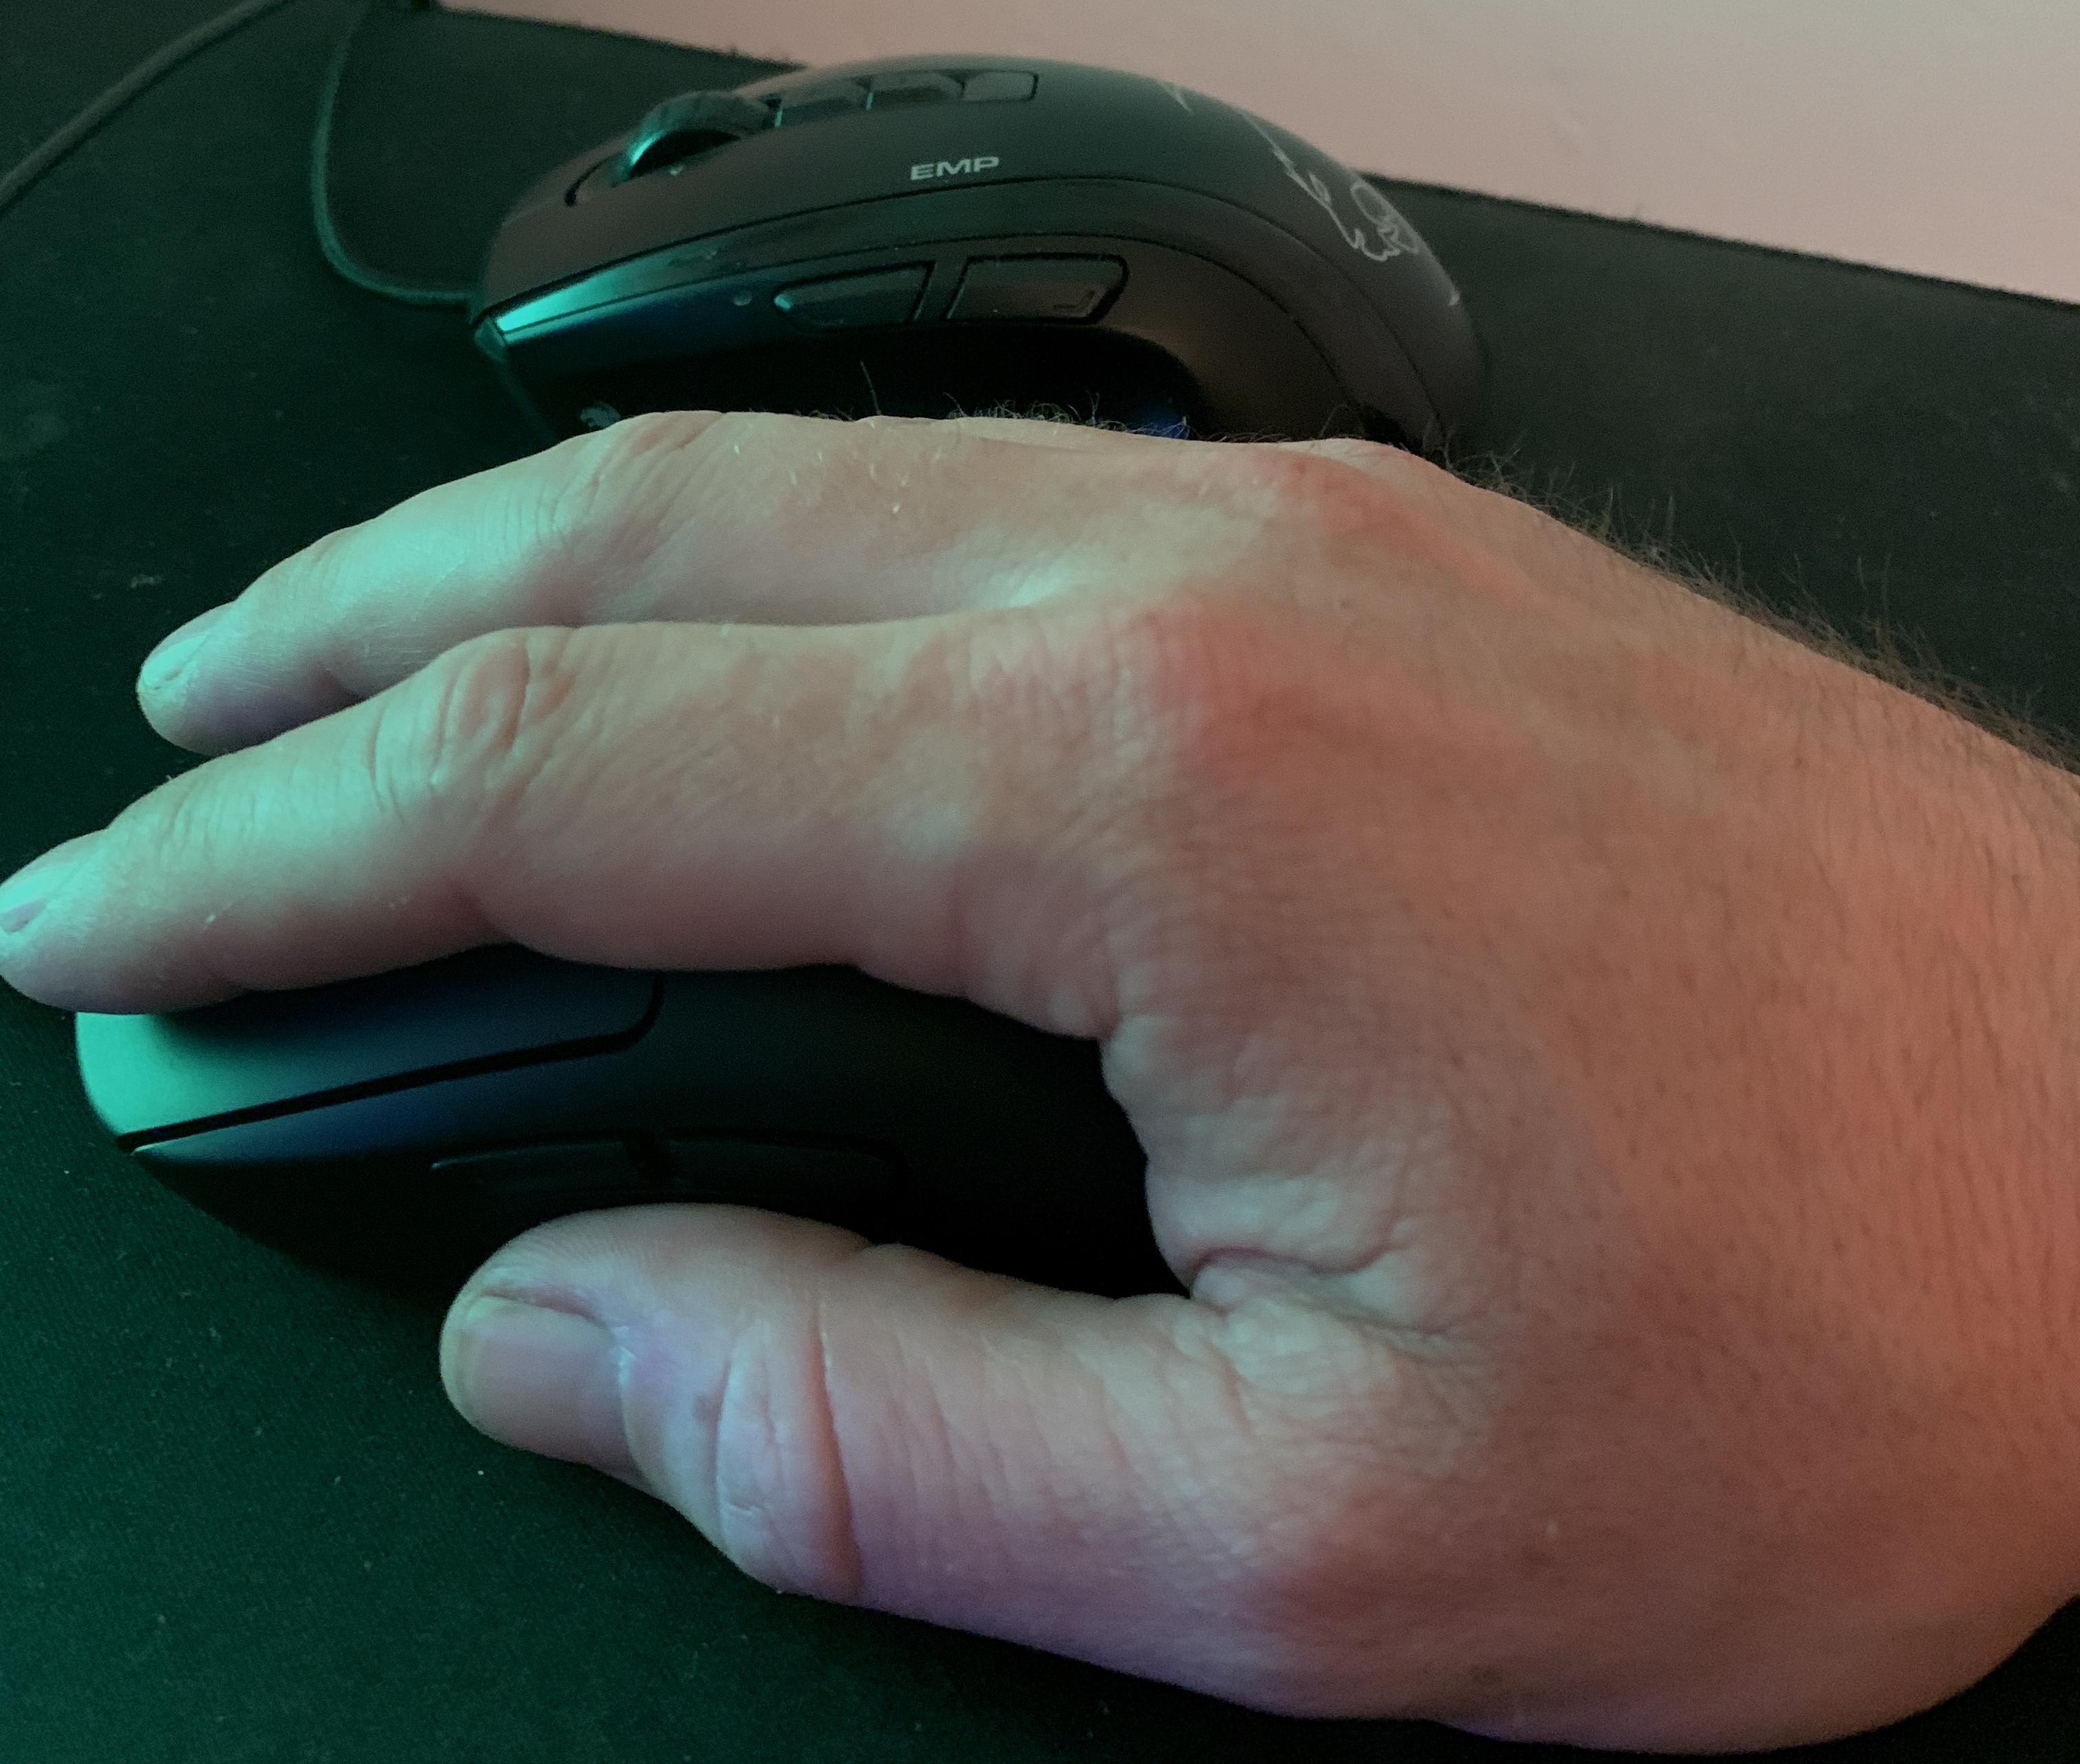 Test av spillmus: Det er som å plugge hånda inn i maskinen